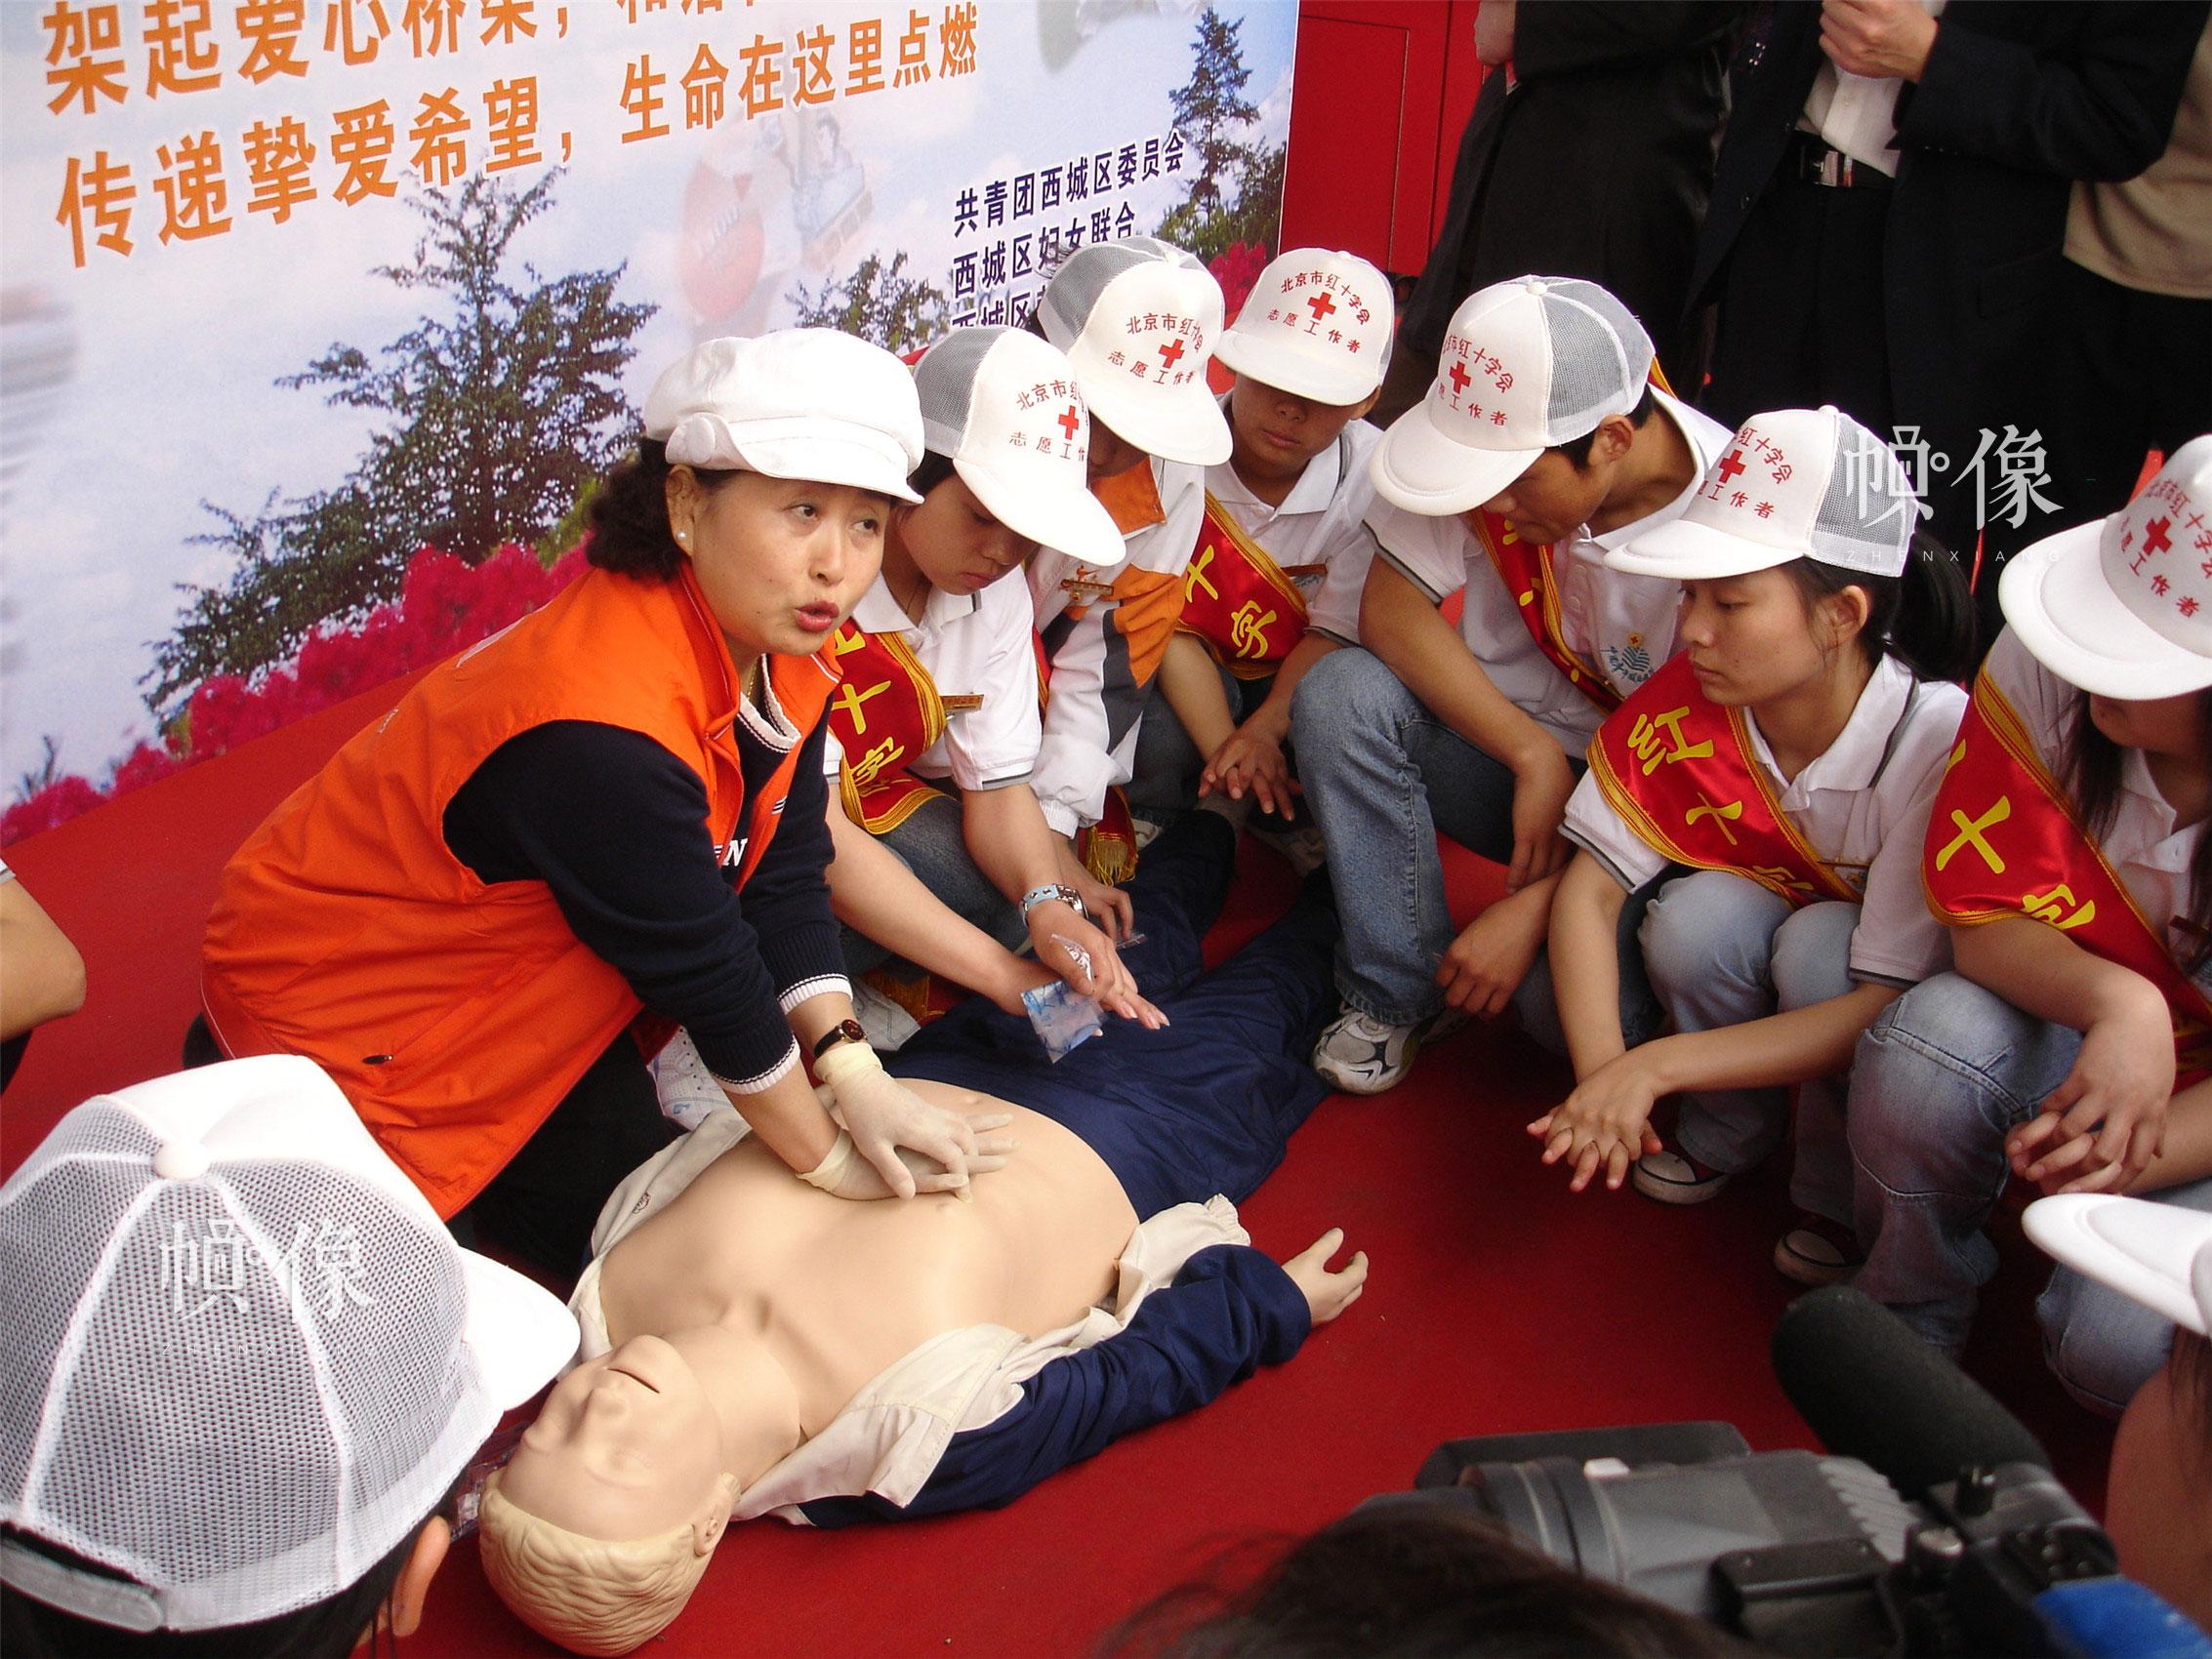 """2006年5月7日,西城区红十字会在西单开展""""五八""""红十字日宣传活动,图为老师为过往群众和志愿者介绍应急救护知识。(西城区红十字会供图)"""